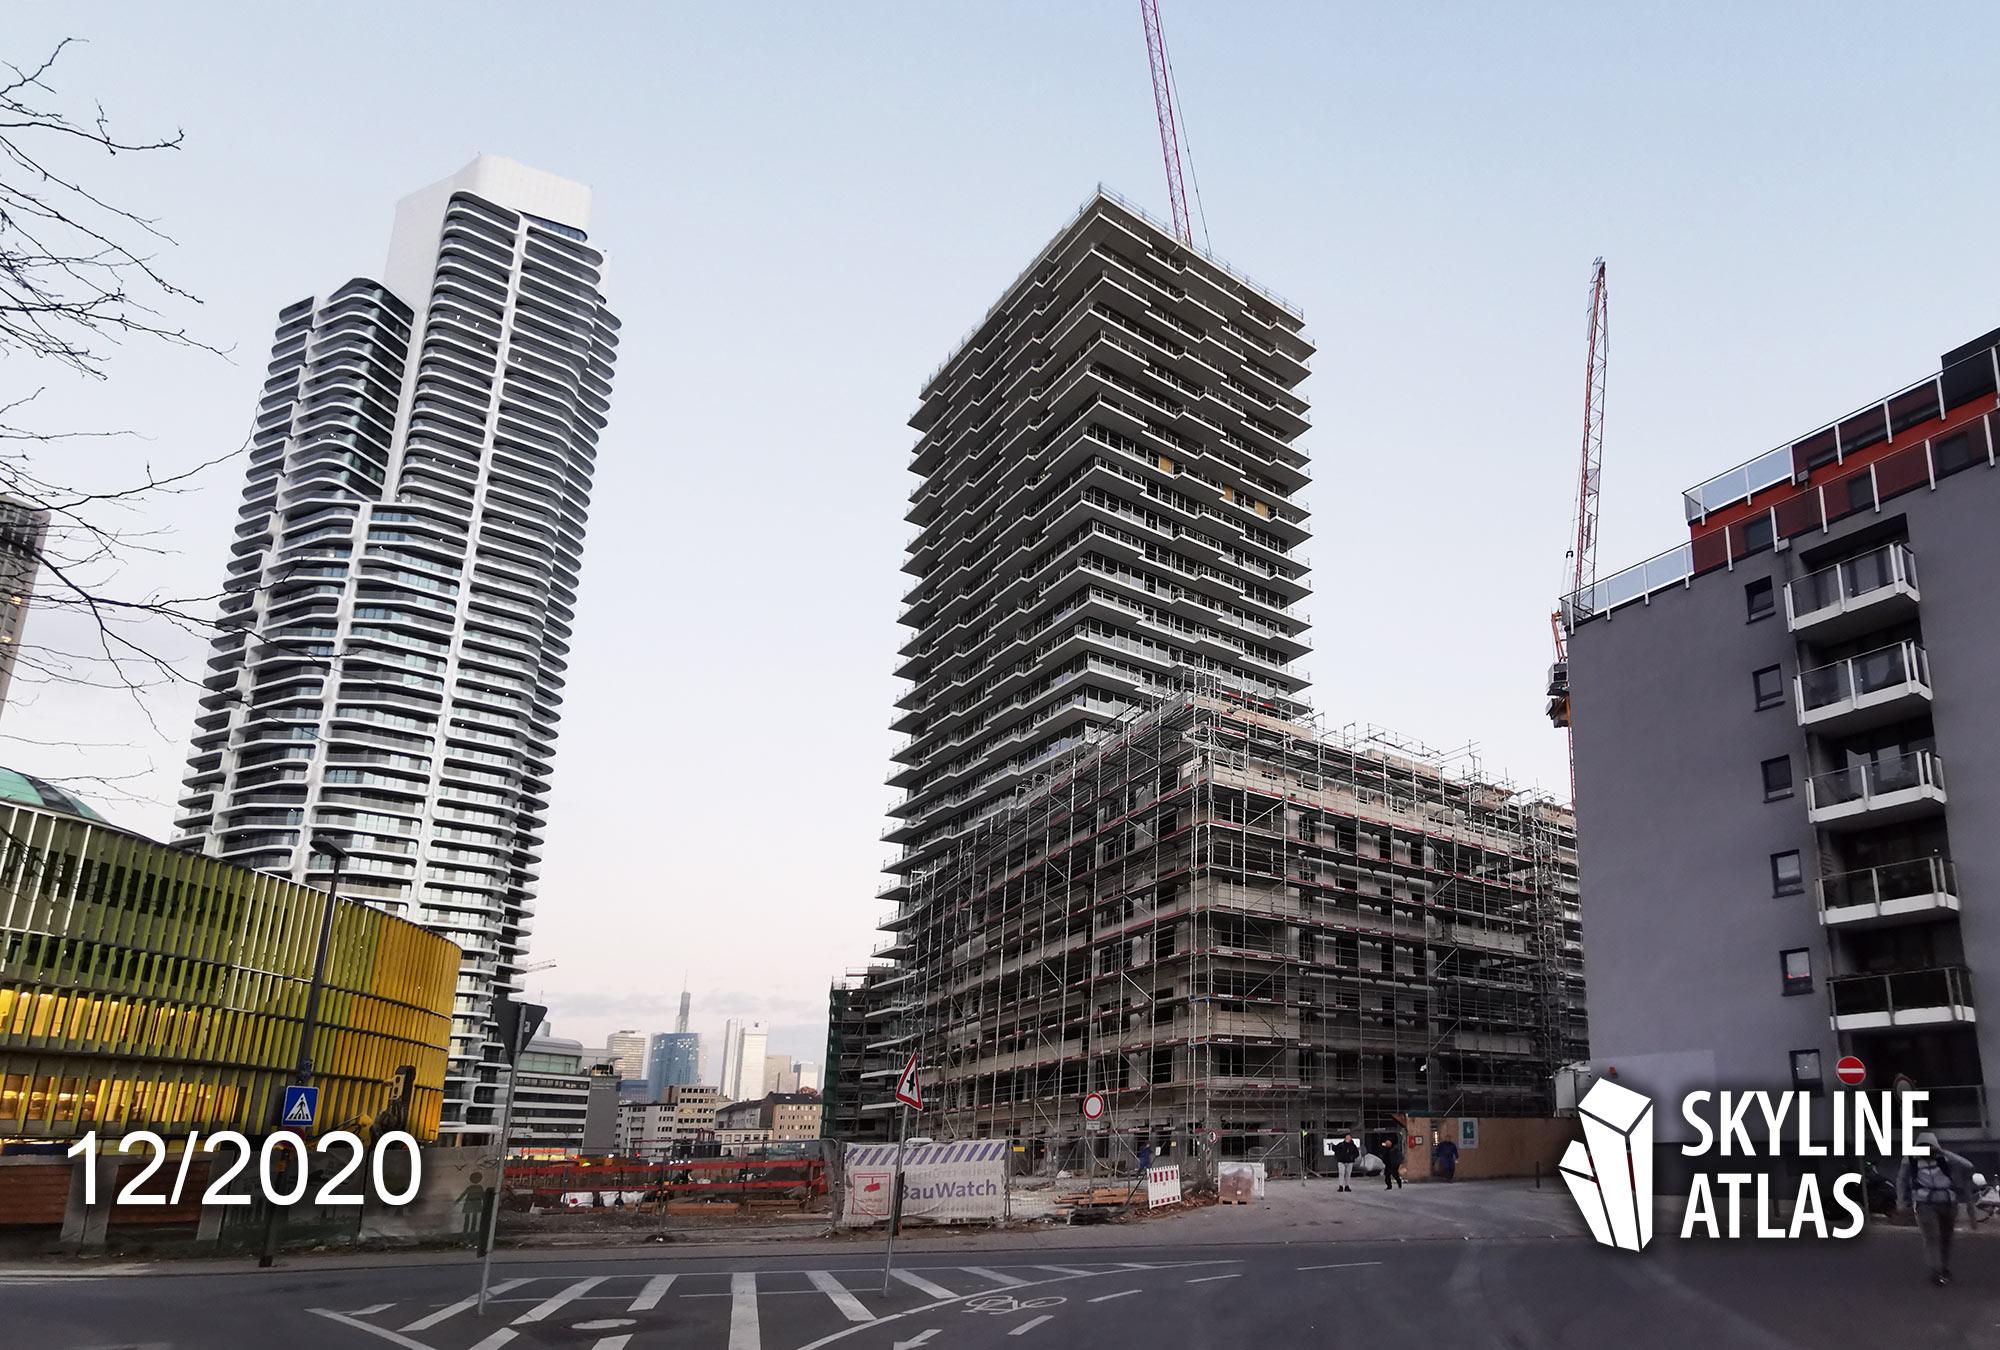 EDEN Tower Frankfurt - Eigentumswohnungen Frankfurt - In Frankfurter Wohnunge investieren - Wohnturm Europaviertel - Eden Baustelle Dezember 2020